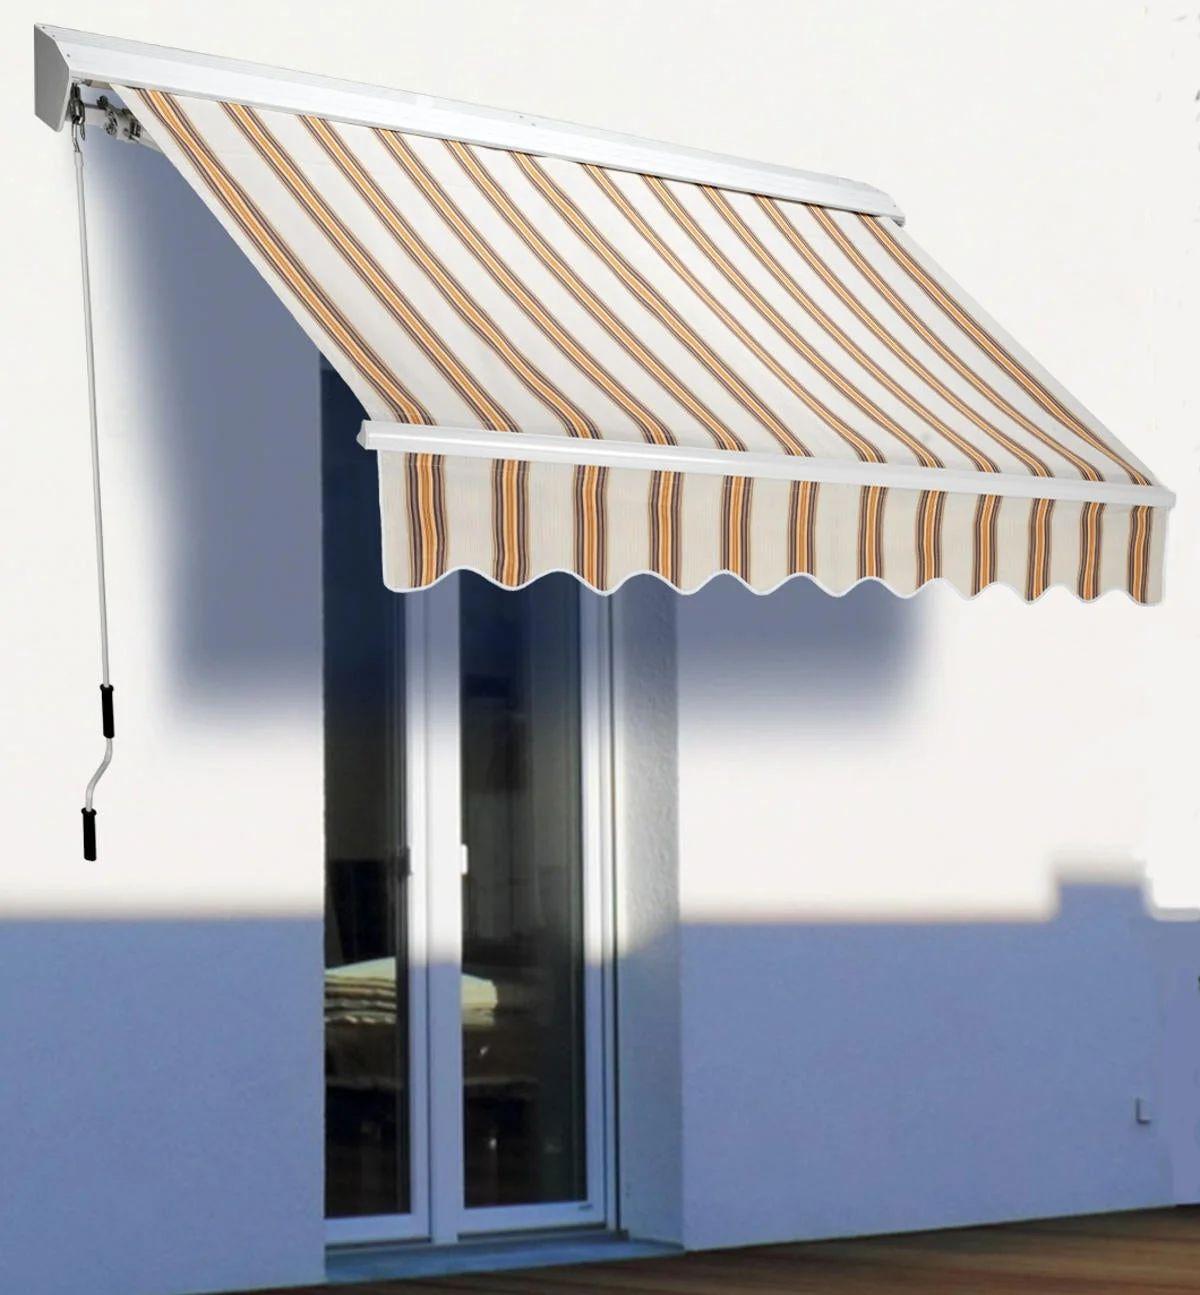 Main image of outsunny tenda da sole avvolgibile manuale esterno tessuto di. Tenda Da Sole A Bracci Estensibili L 3 X H 2 M Beige Leroy Merlin